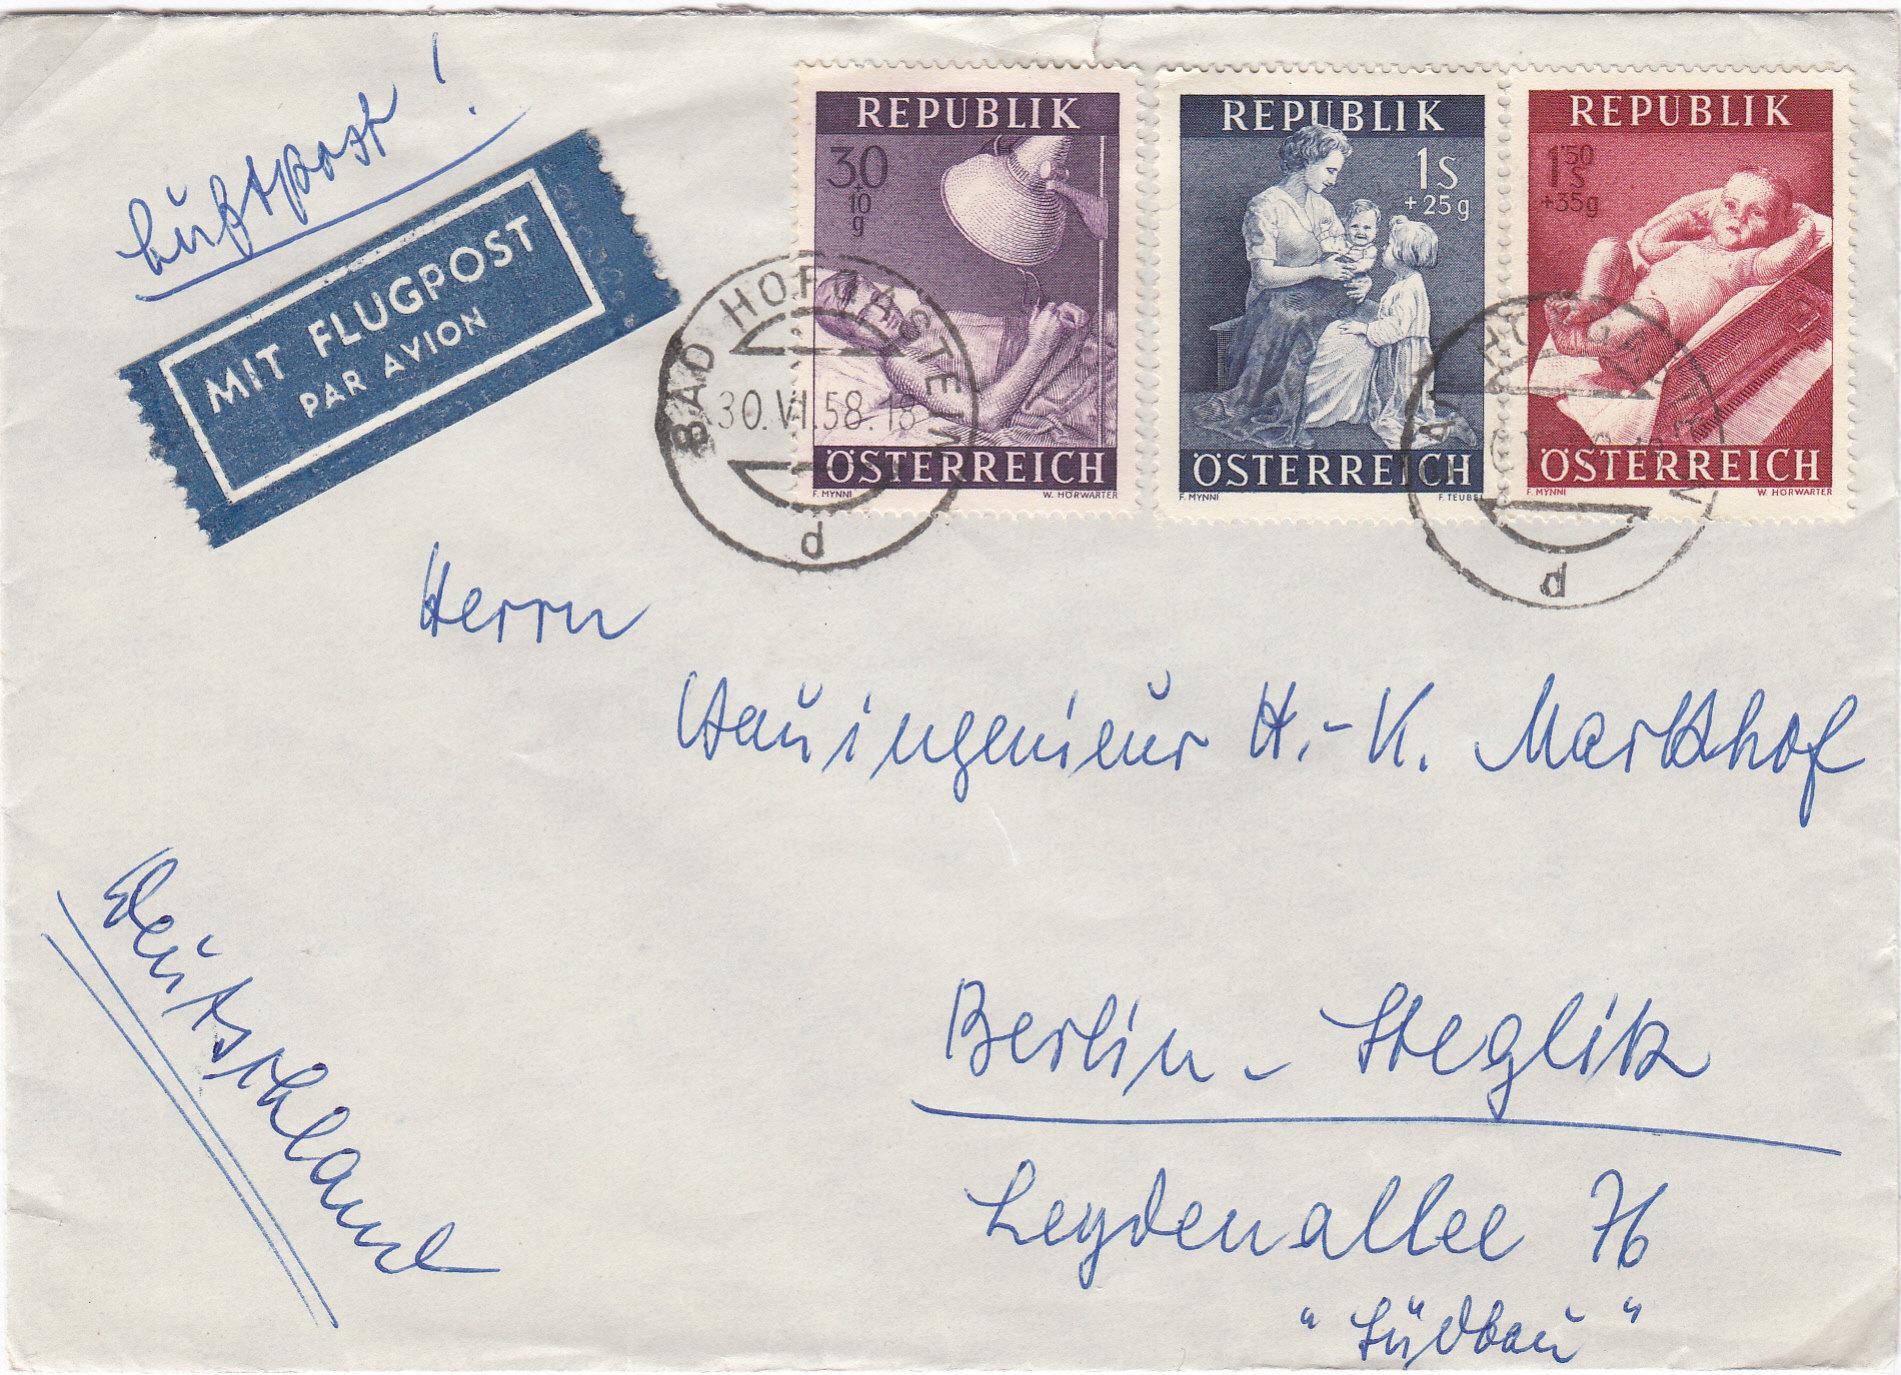 Sammlung Bedarfsbriefe Österreich ab 1945 - Seite 12 Img_0167